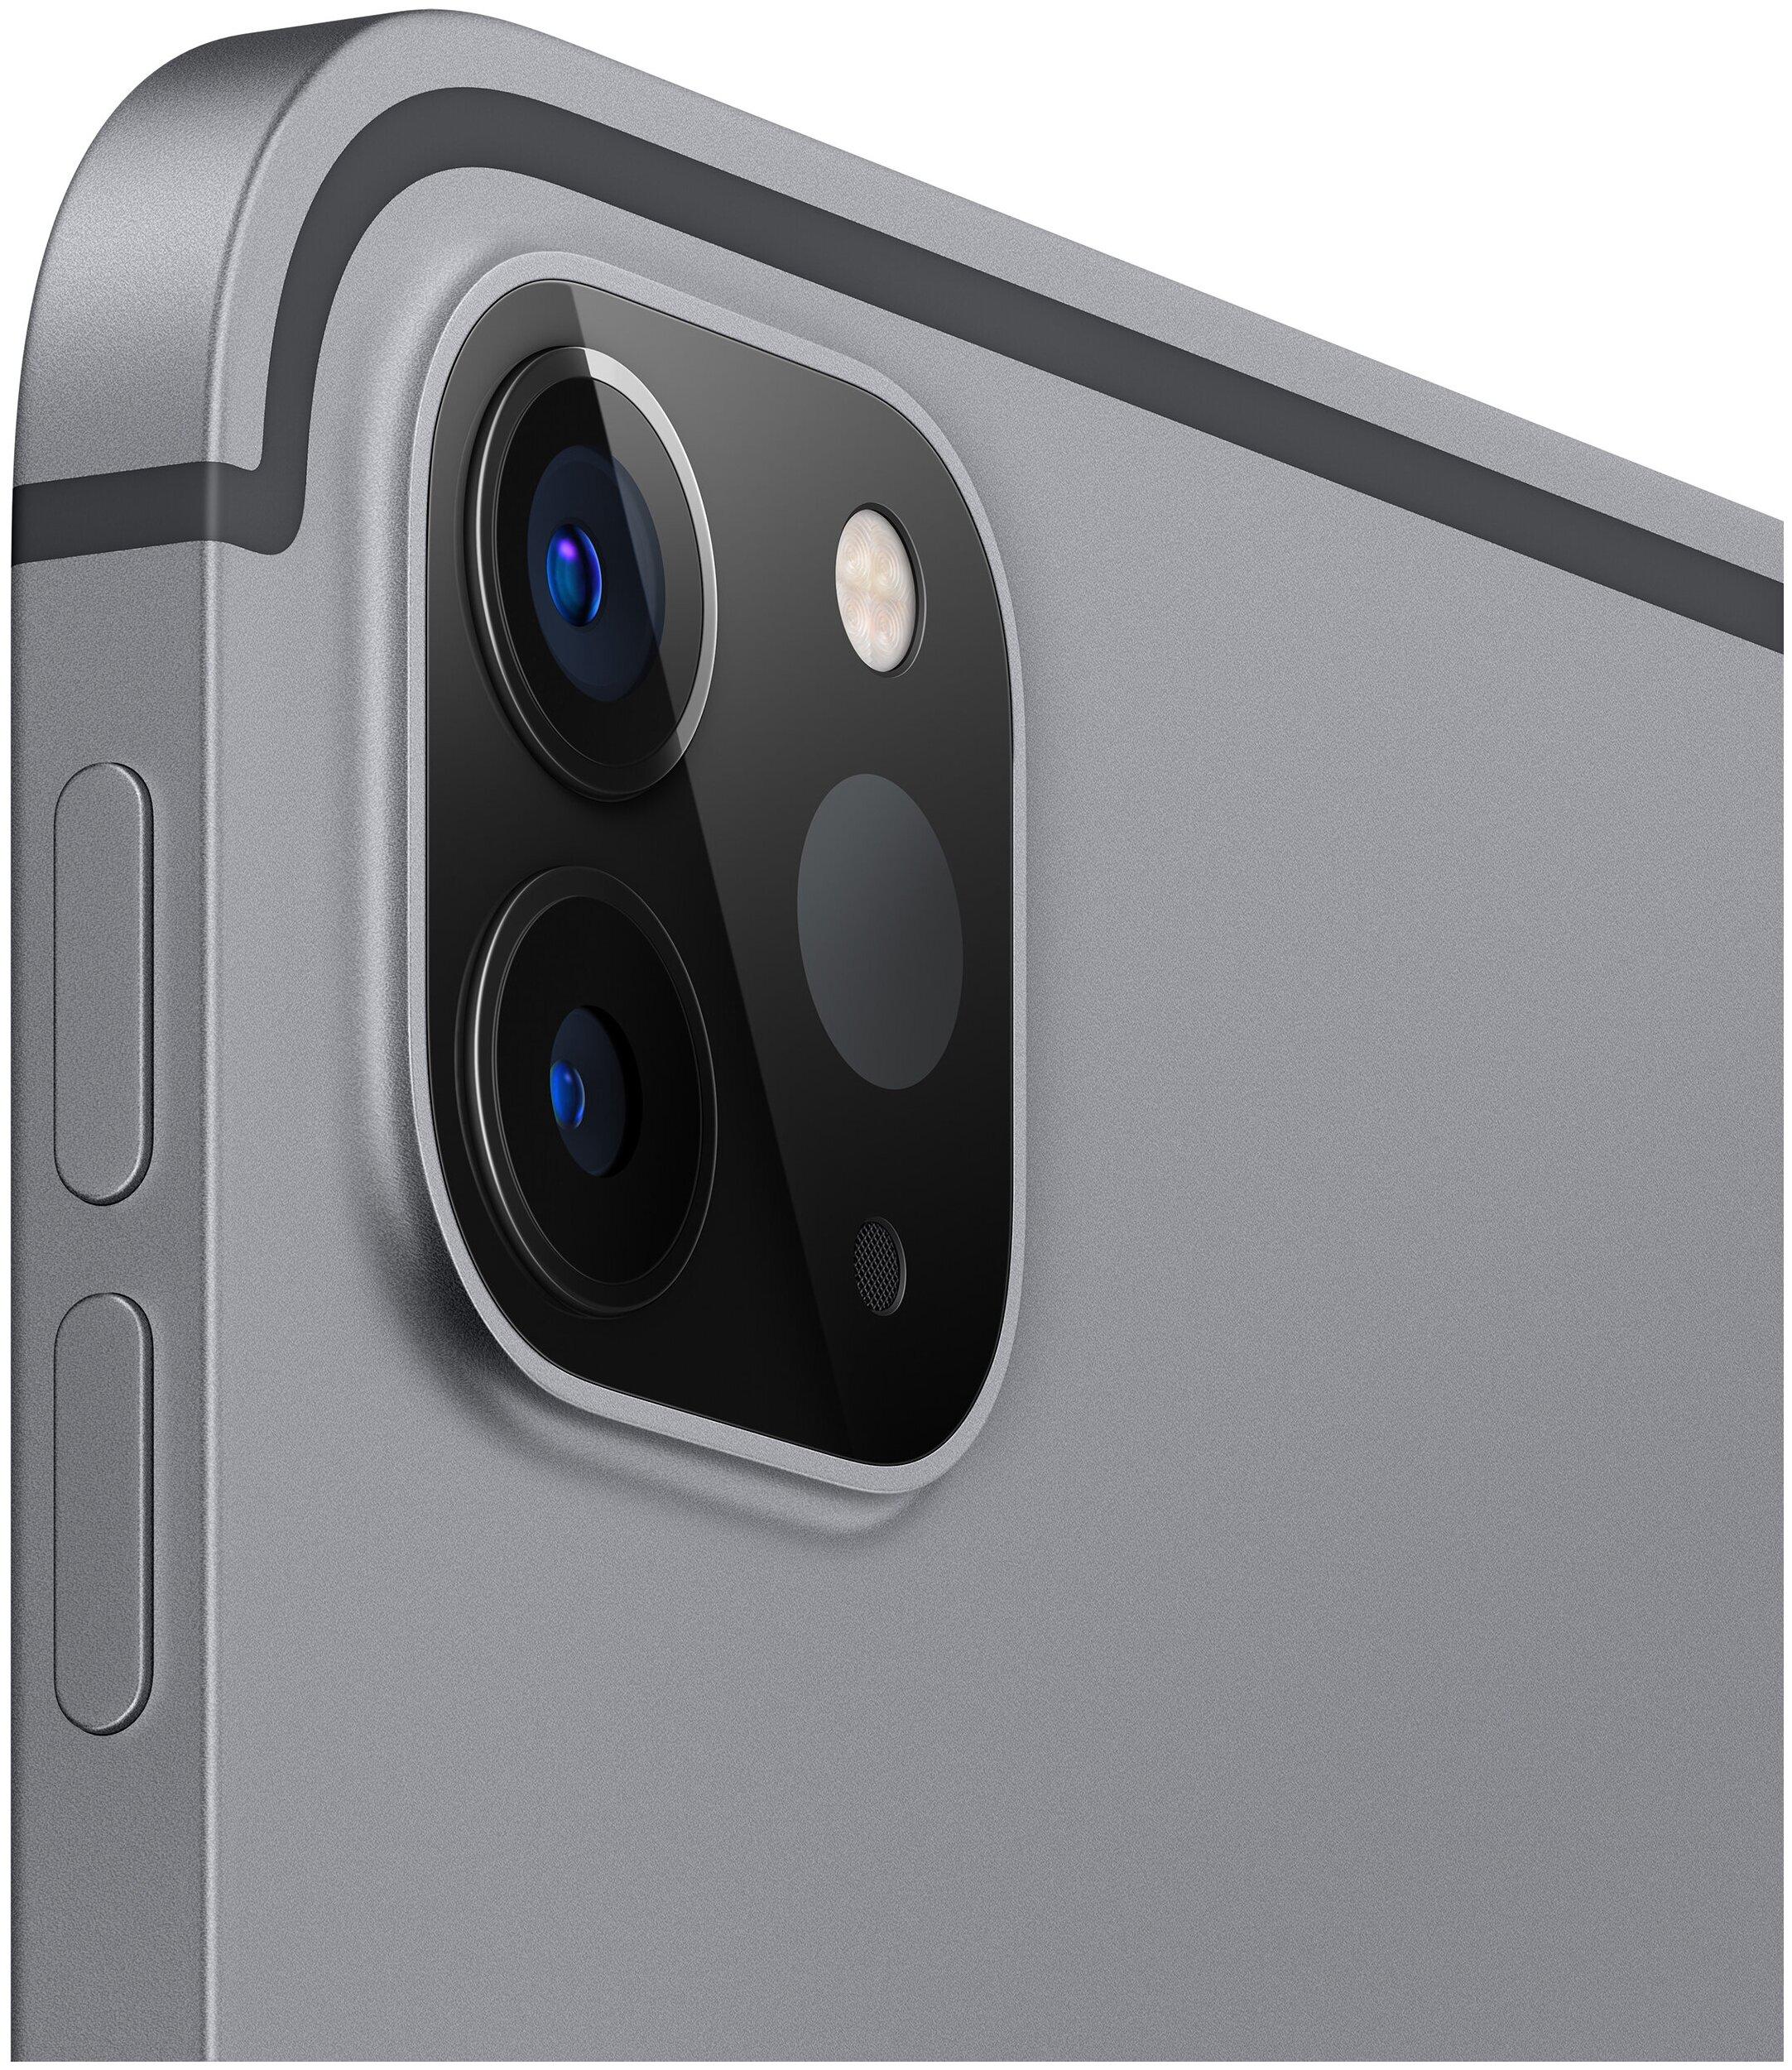 Apple iPad Pro 11 (2020) 256Gb Wi-Fi - беспроводные интерфейсы: WiFi 802.11ax, Bluetooth 5.0